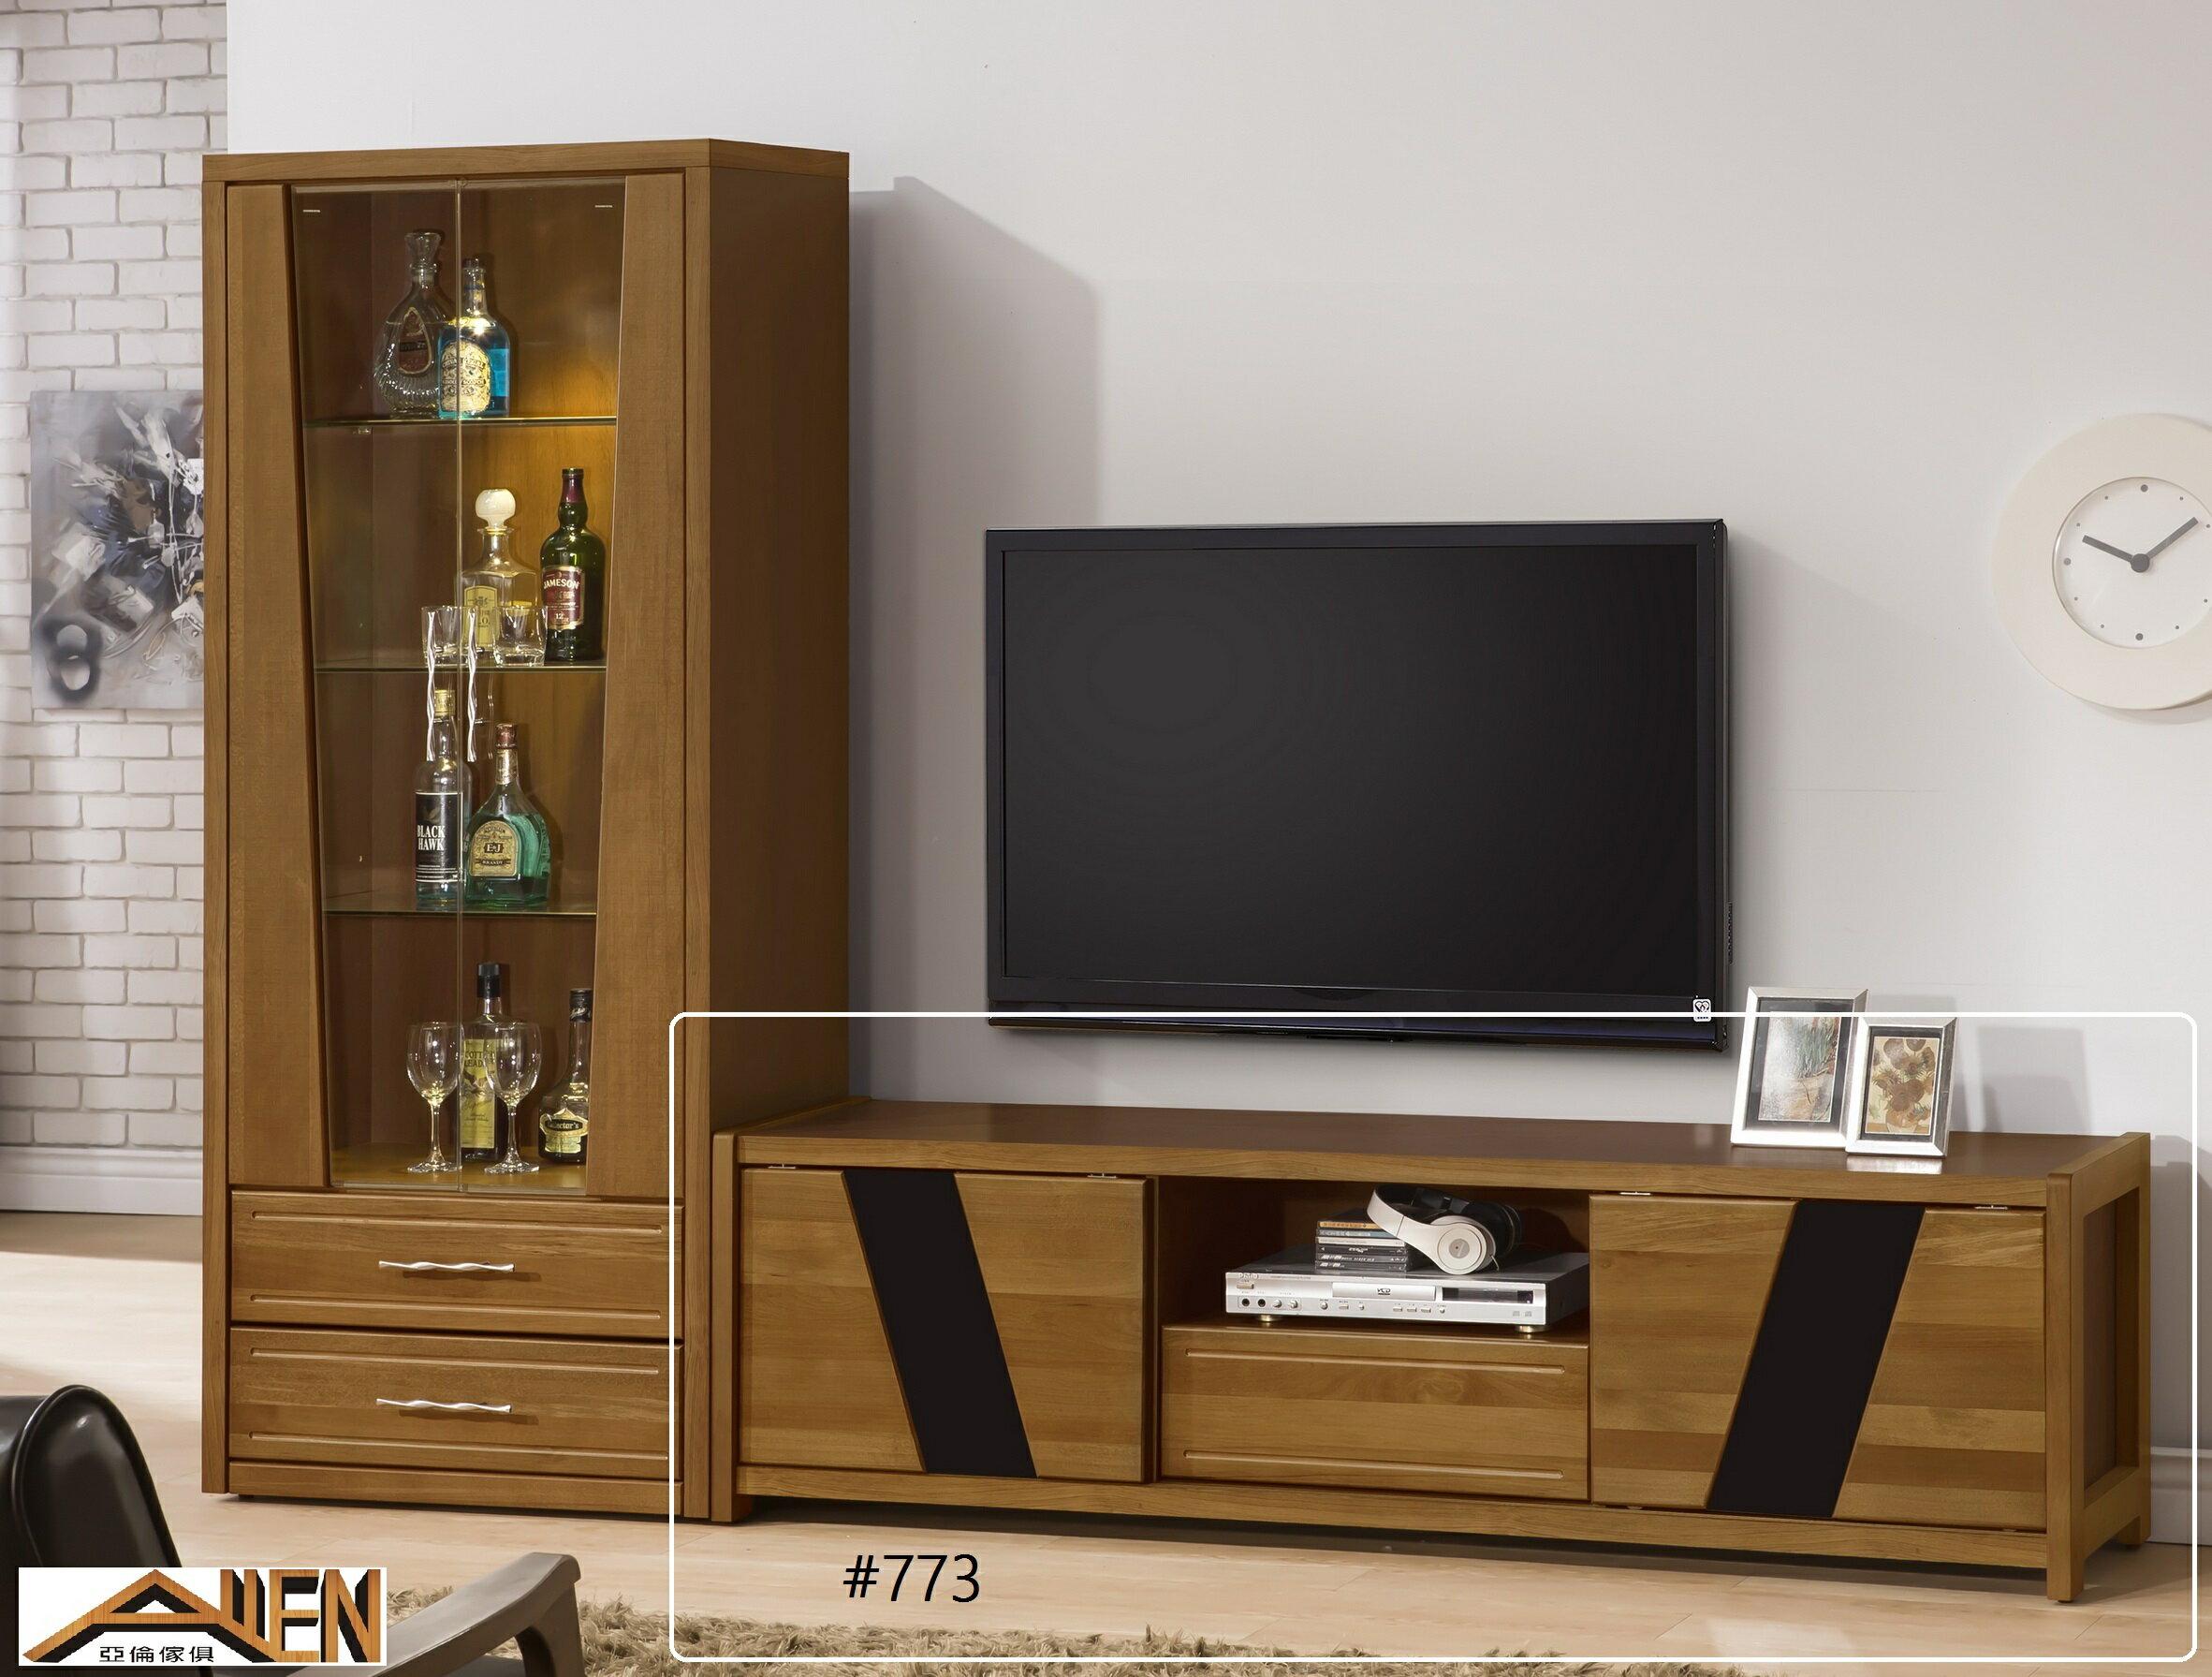 亞倫傢俱*文森卡索南洋檜實木6尺電視櫃 - 限時優惠好康折扣